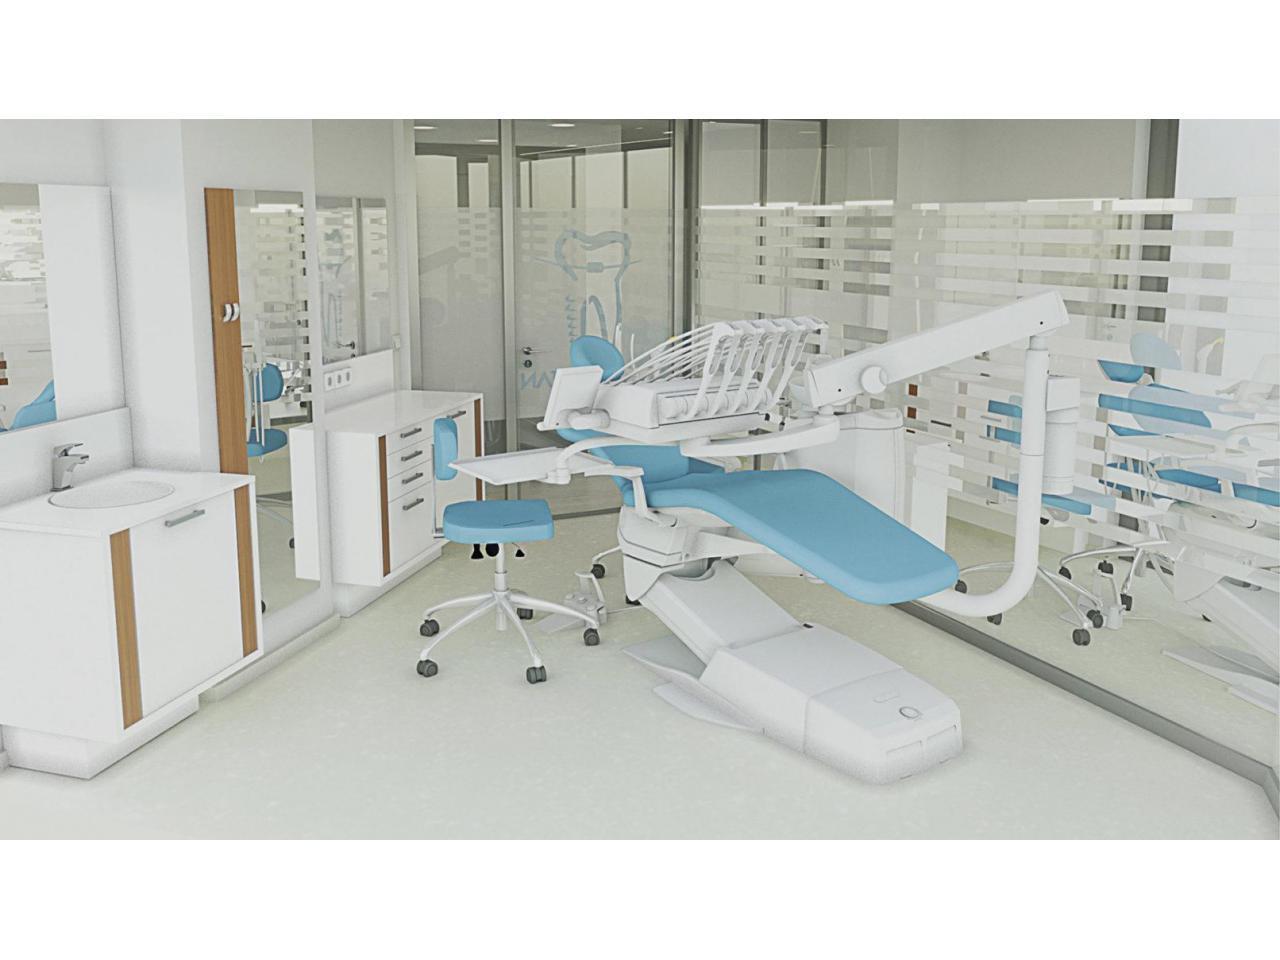 Турция! Отдых и Лечение! Стоматологические/Эстетические услуги в клиниках Стамбула - 6